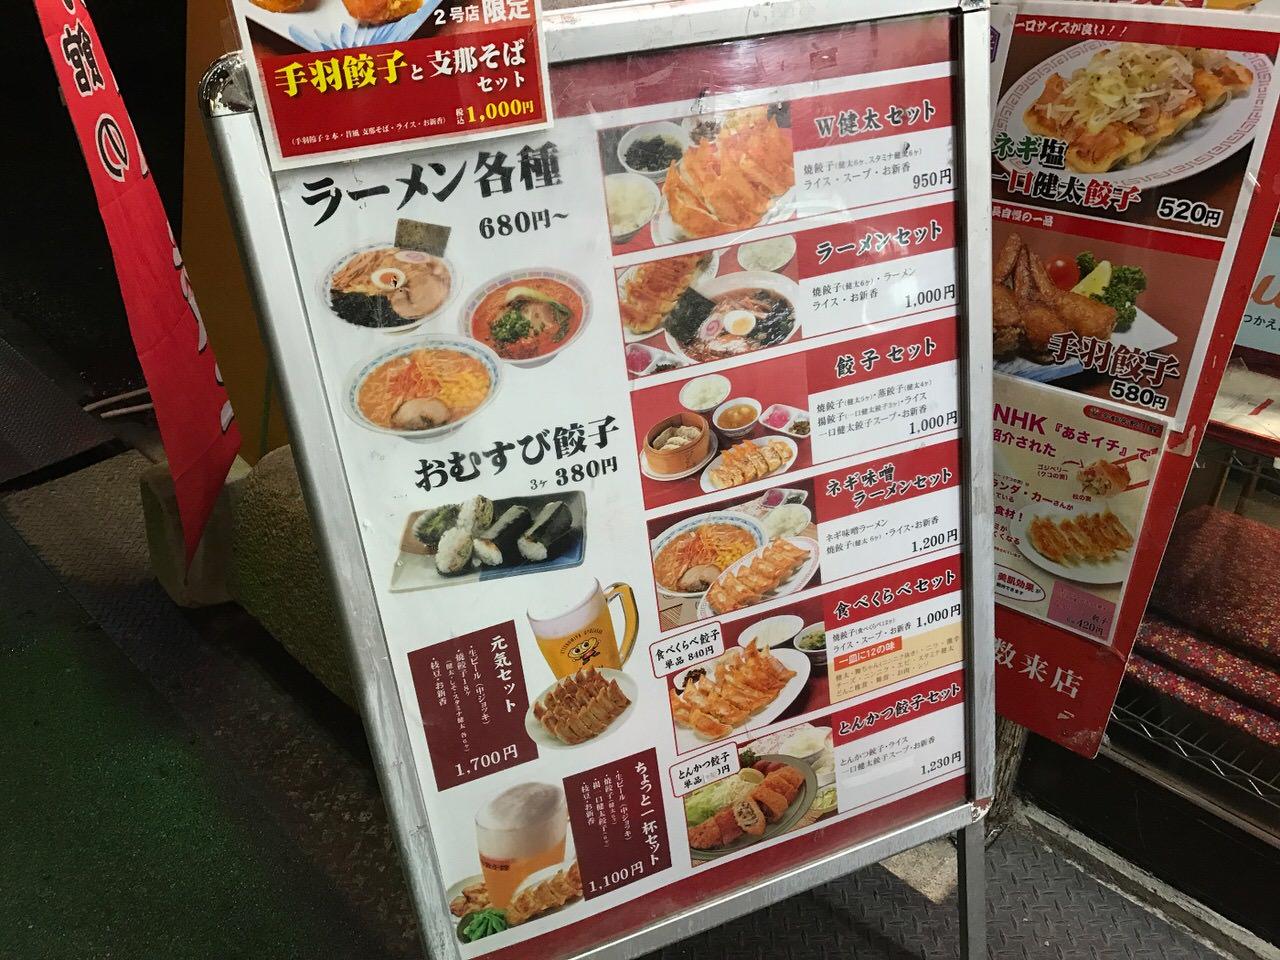 Utsunomiya kenta 3878